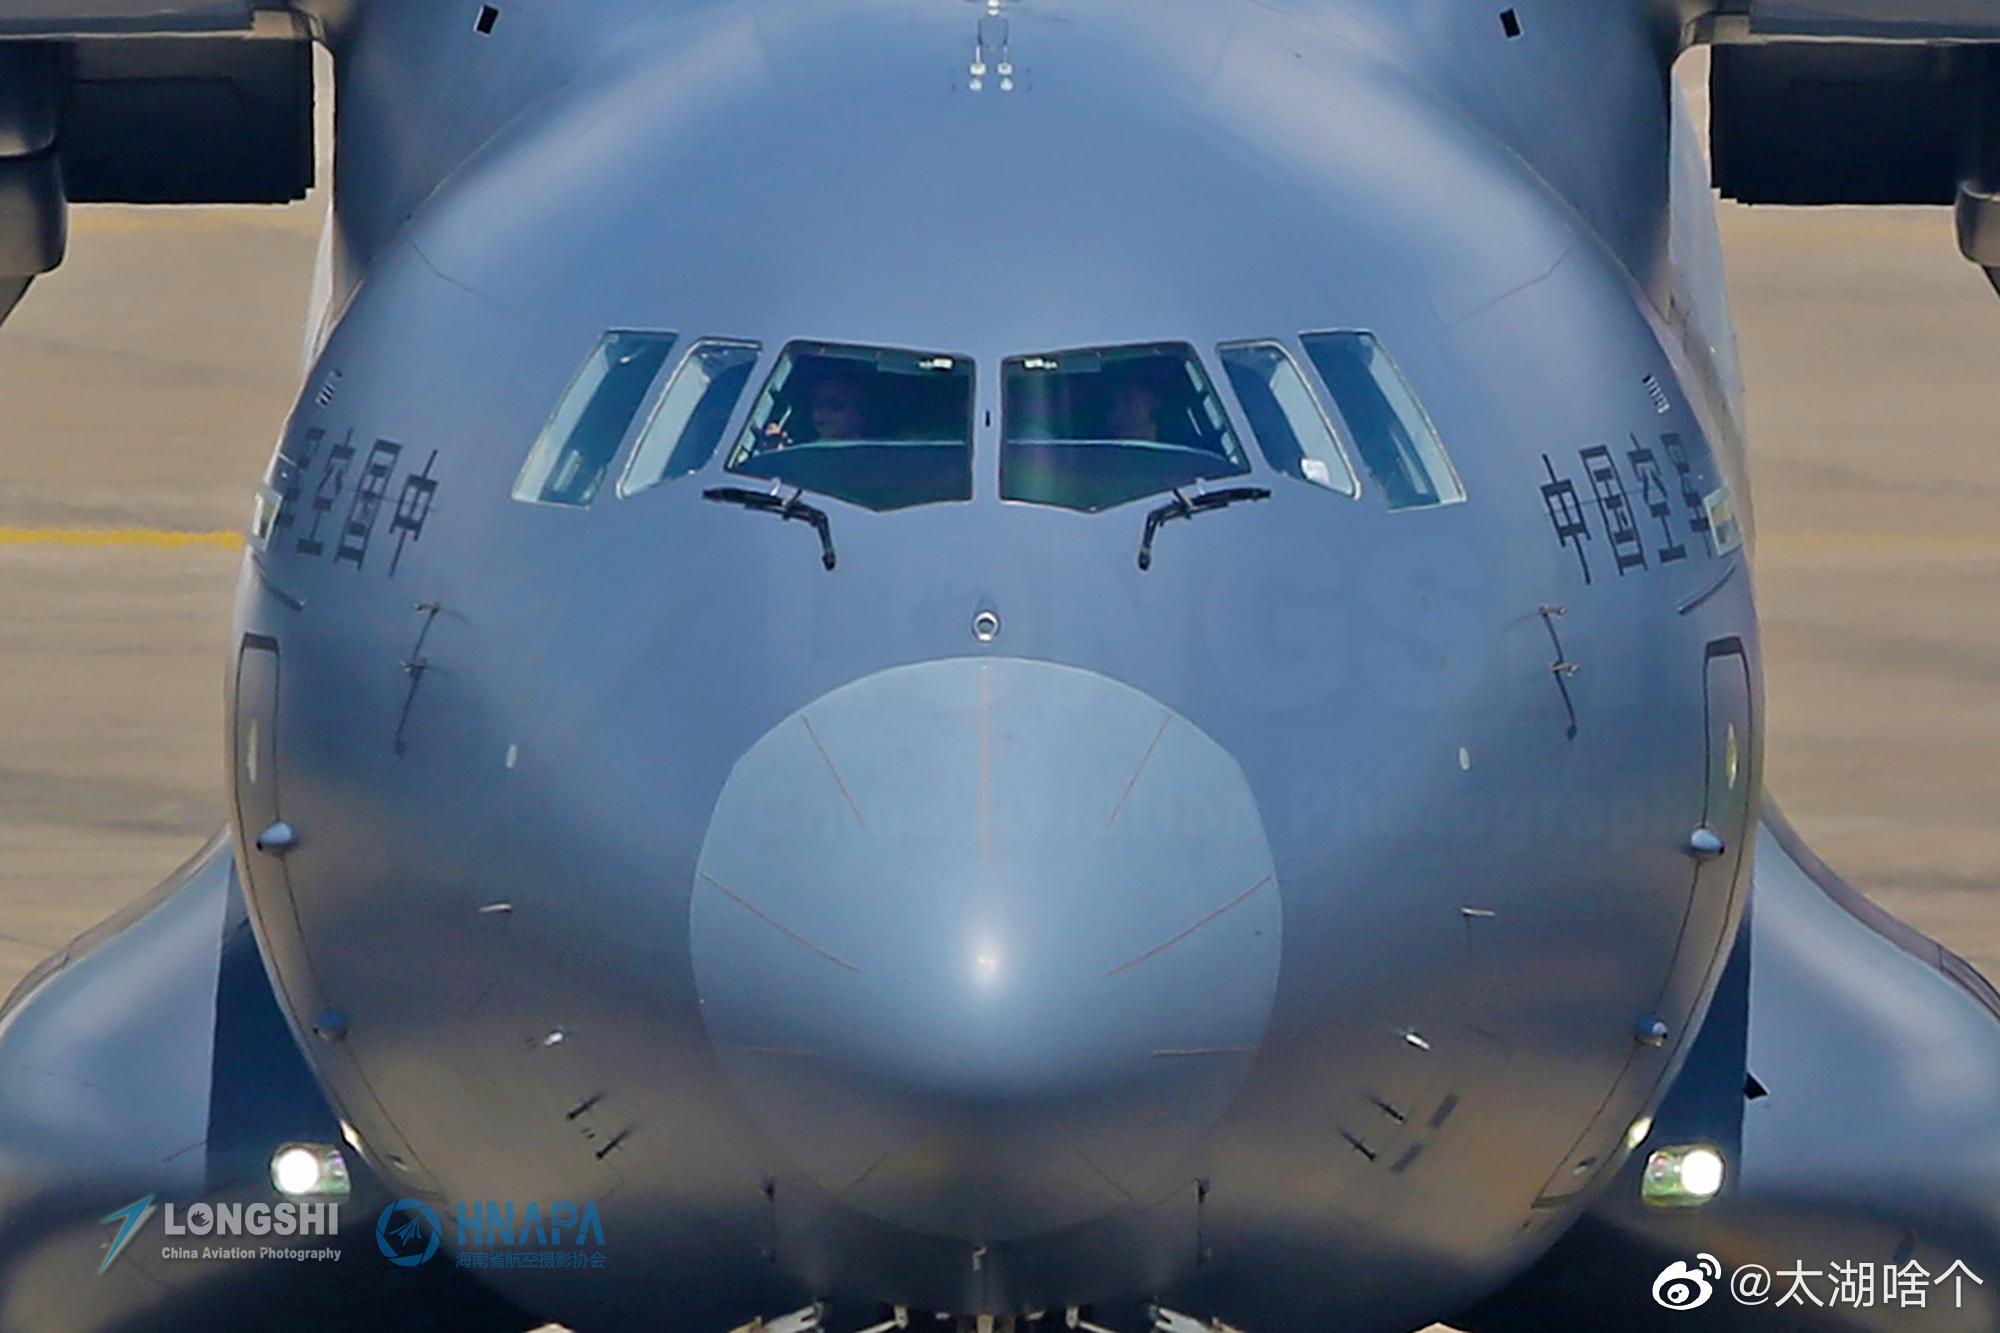 运-20大型军用运输机使用大涵道比涡扇发动机带来的优势是相当明显的